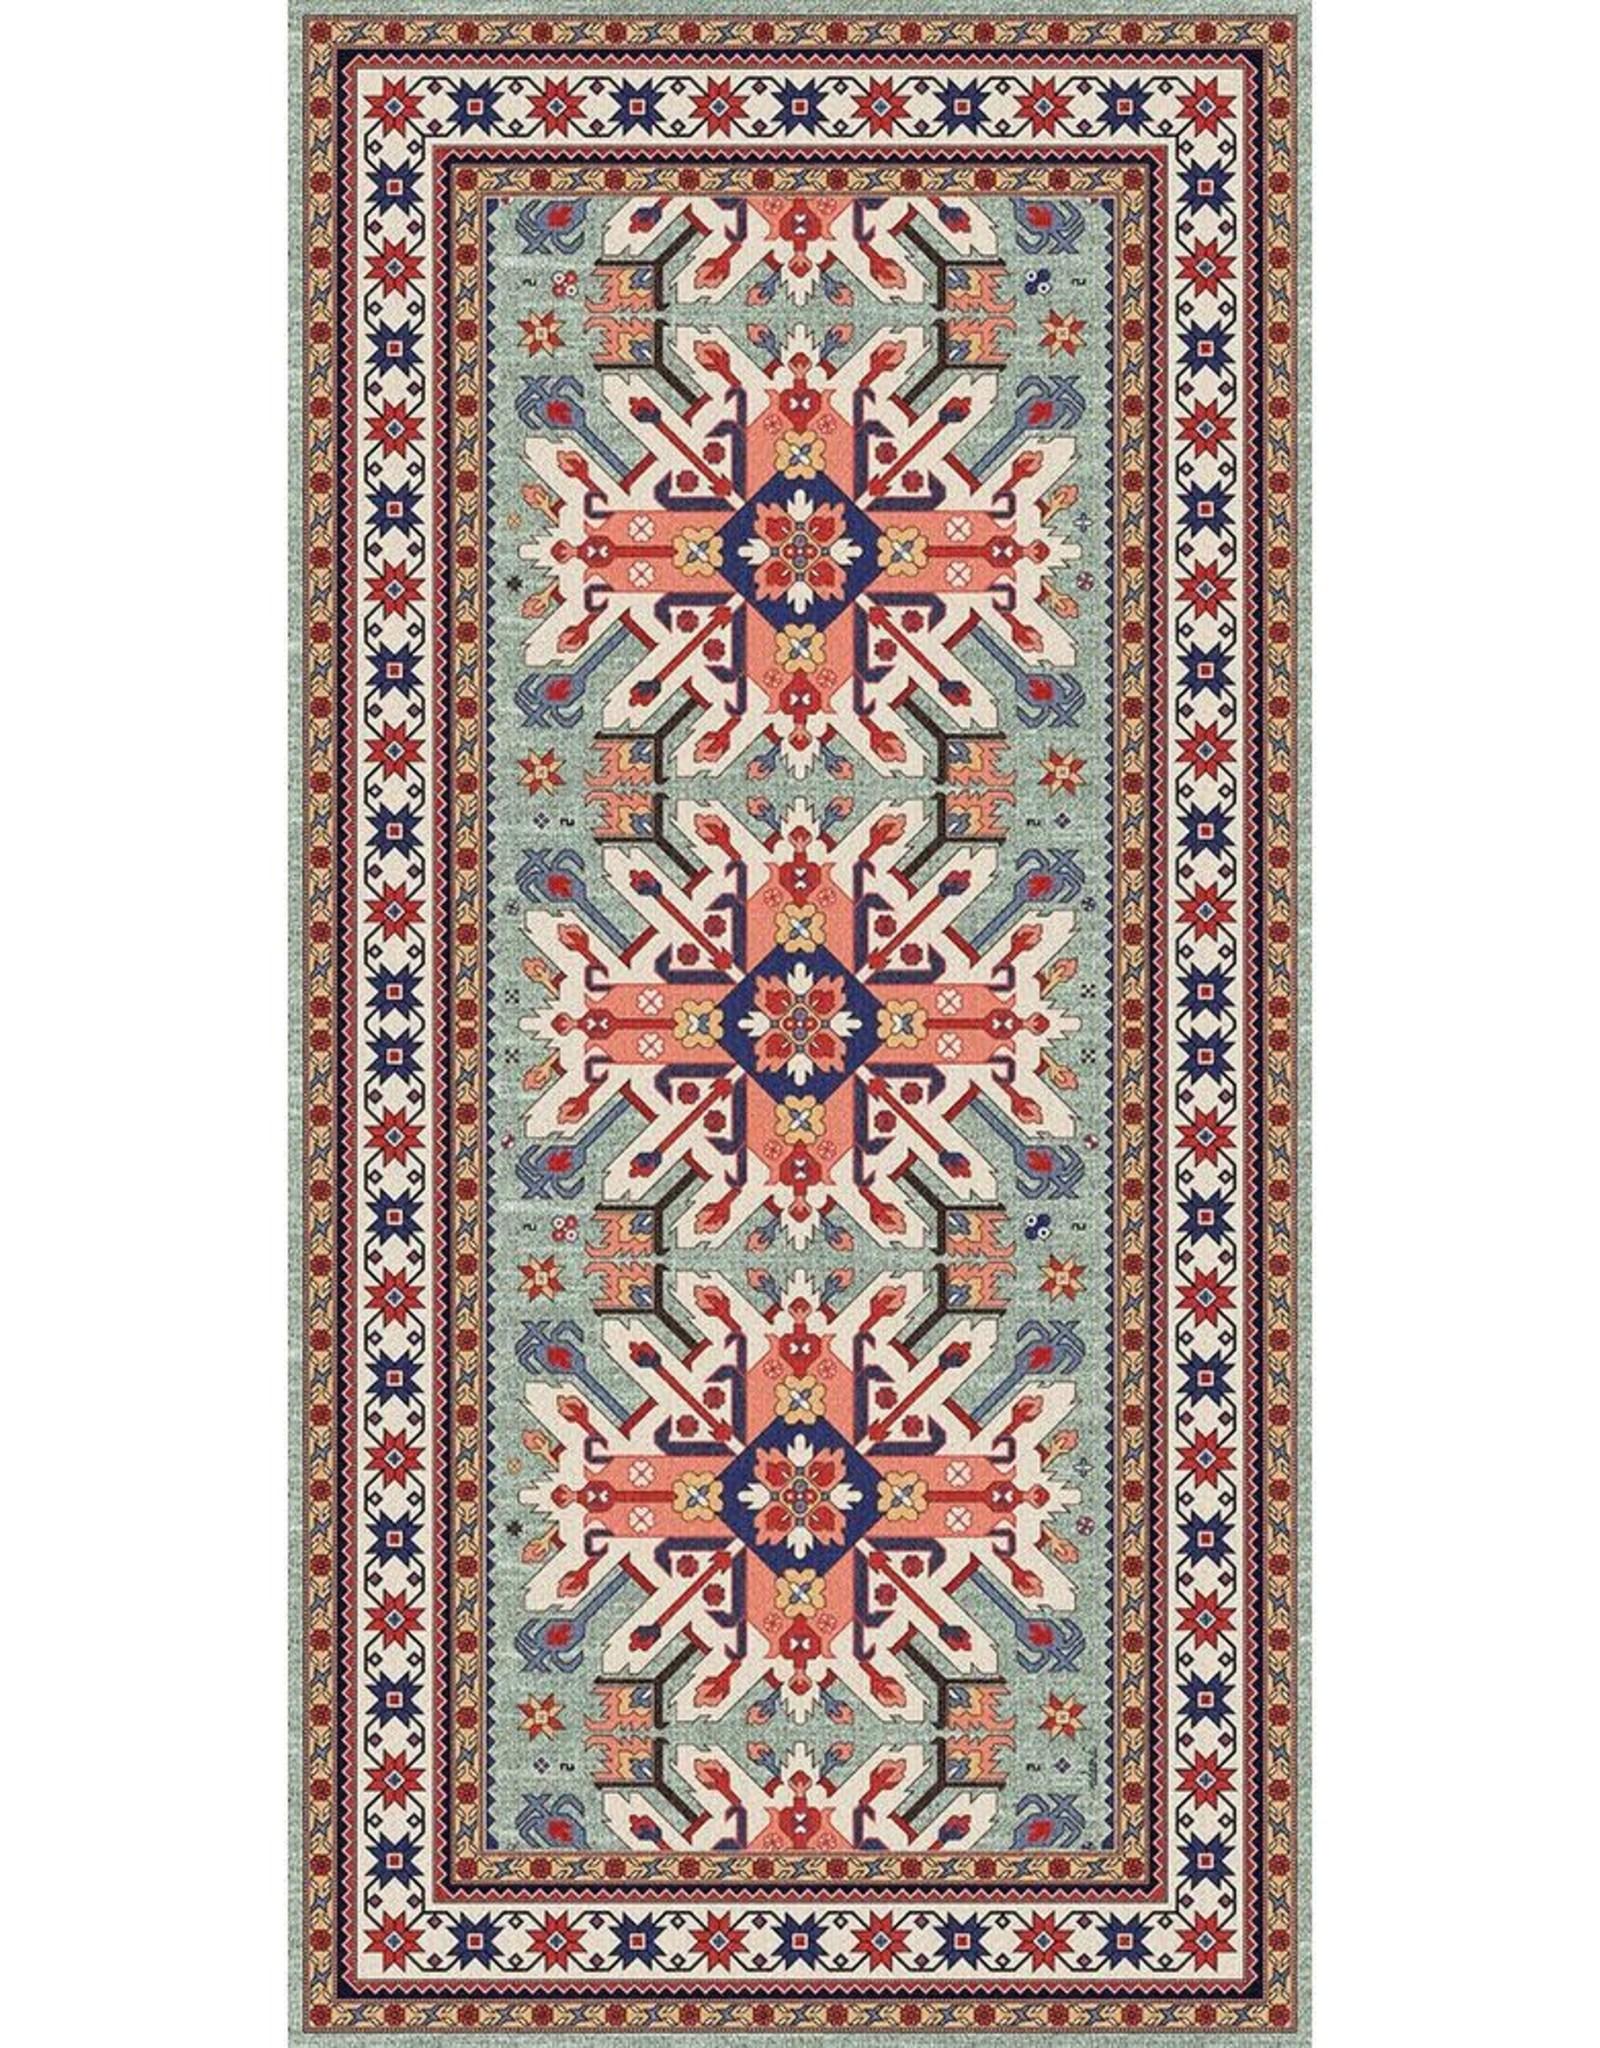 Adama Tapis en Vinyle - 80x200 cm (Choisir votre style)